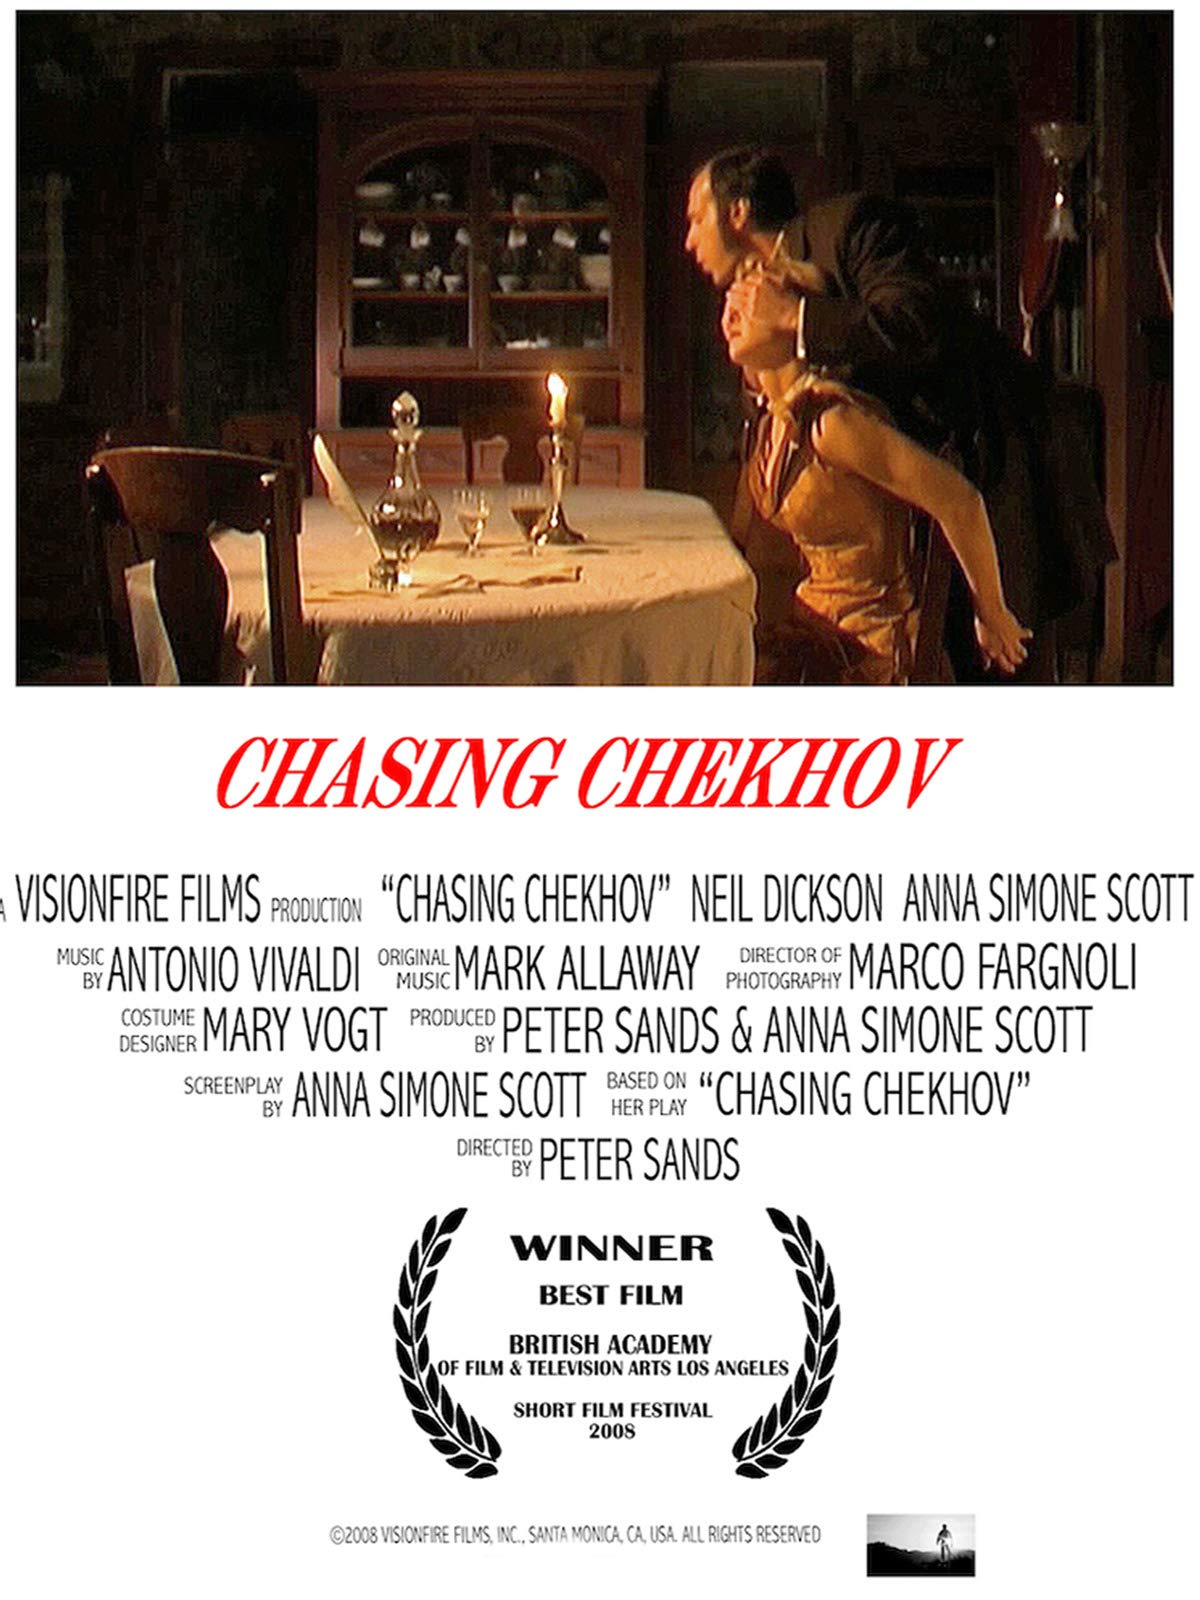 Chasing Chekhov